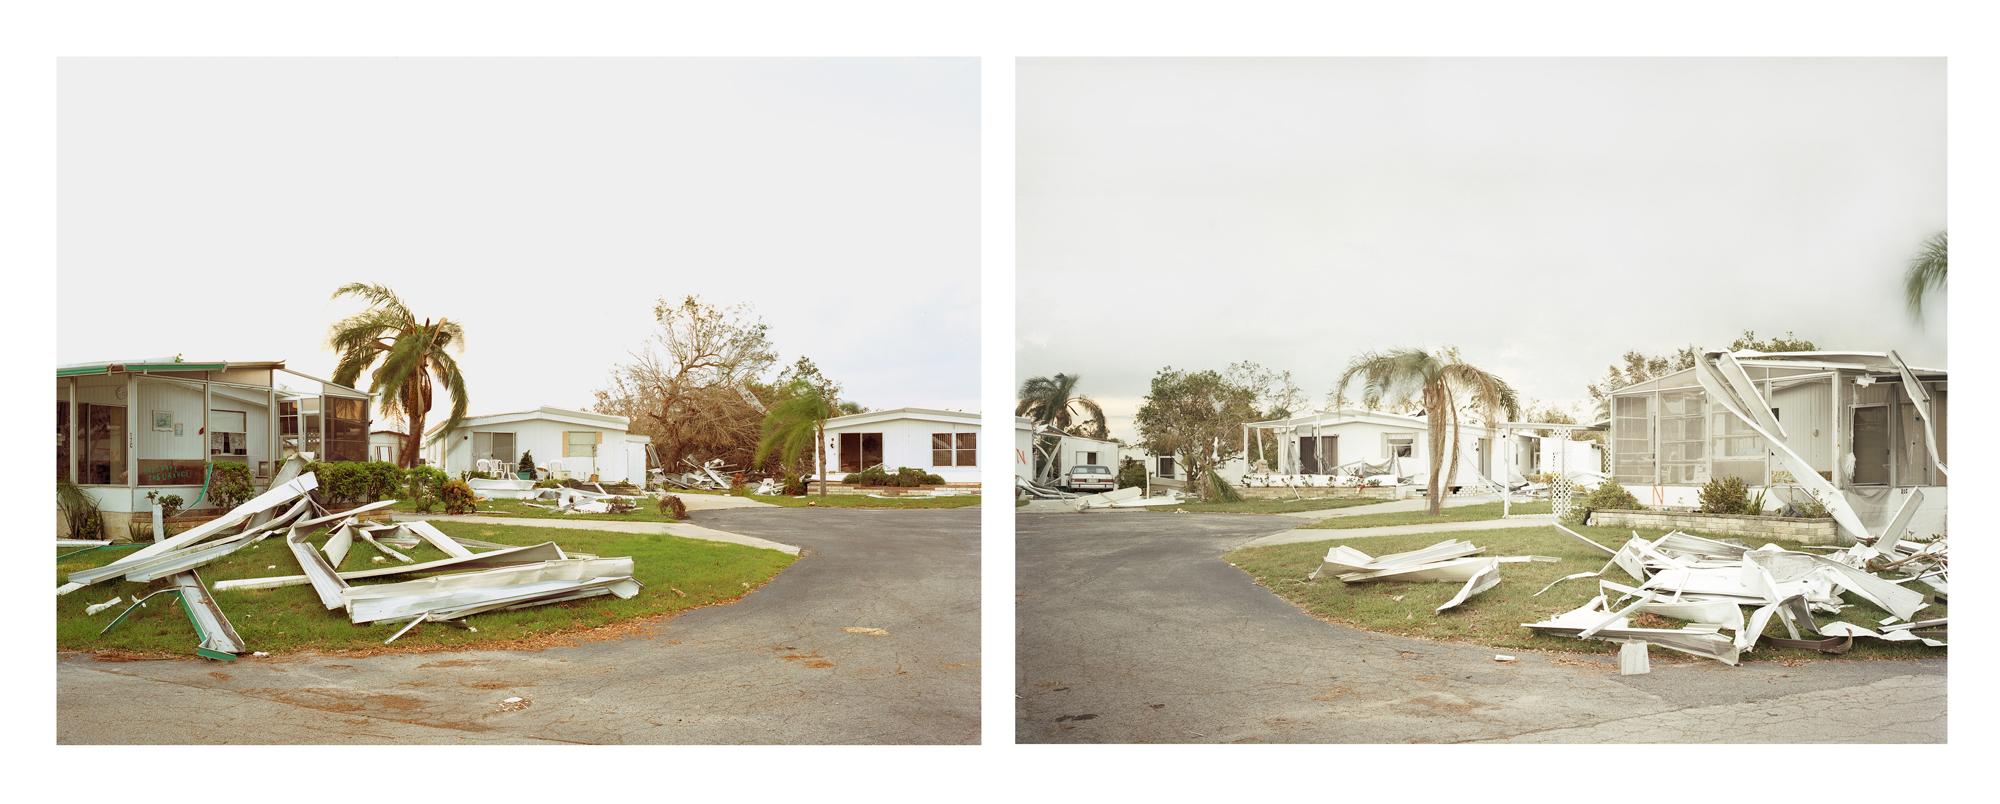 Sasha Bezzubov, Hurricane #4 diptych, Florida, 2006